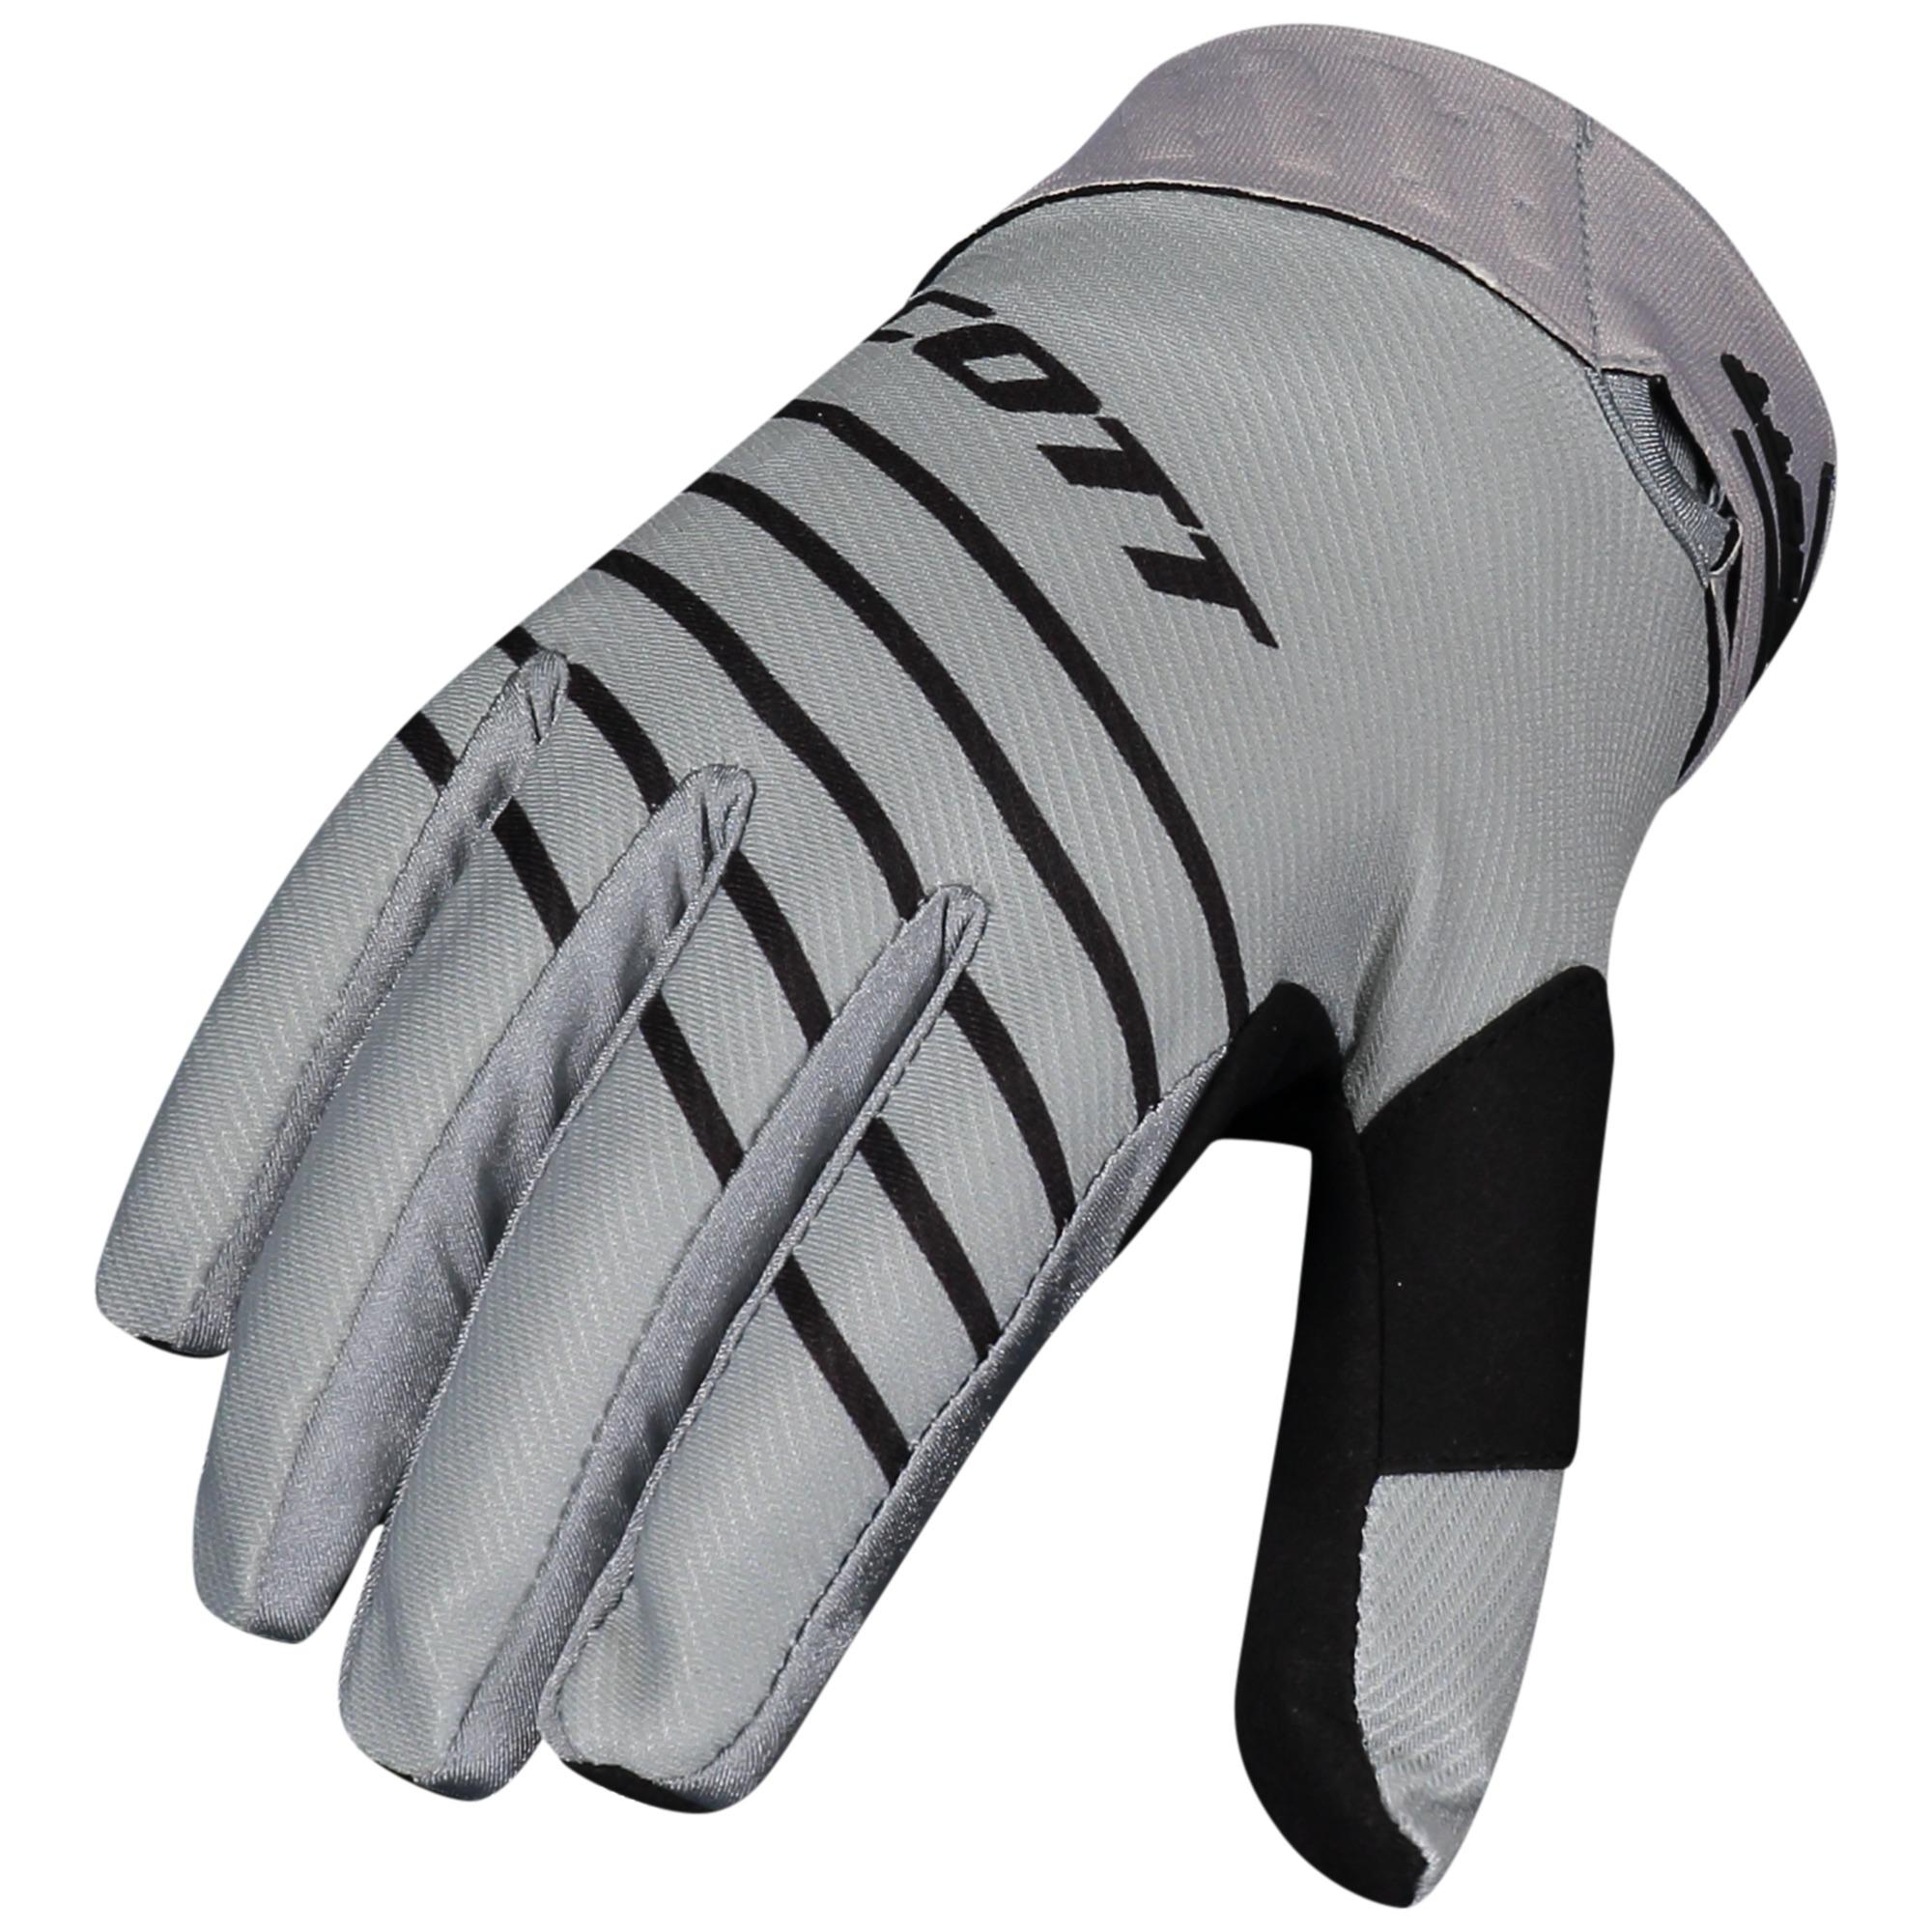 Scott 450 Angled Grey/Black Gloves